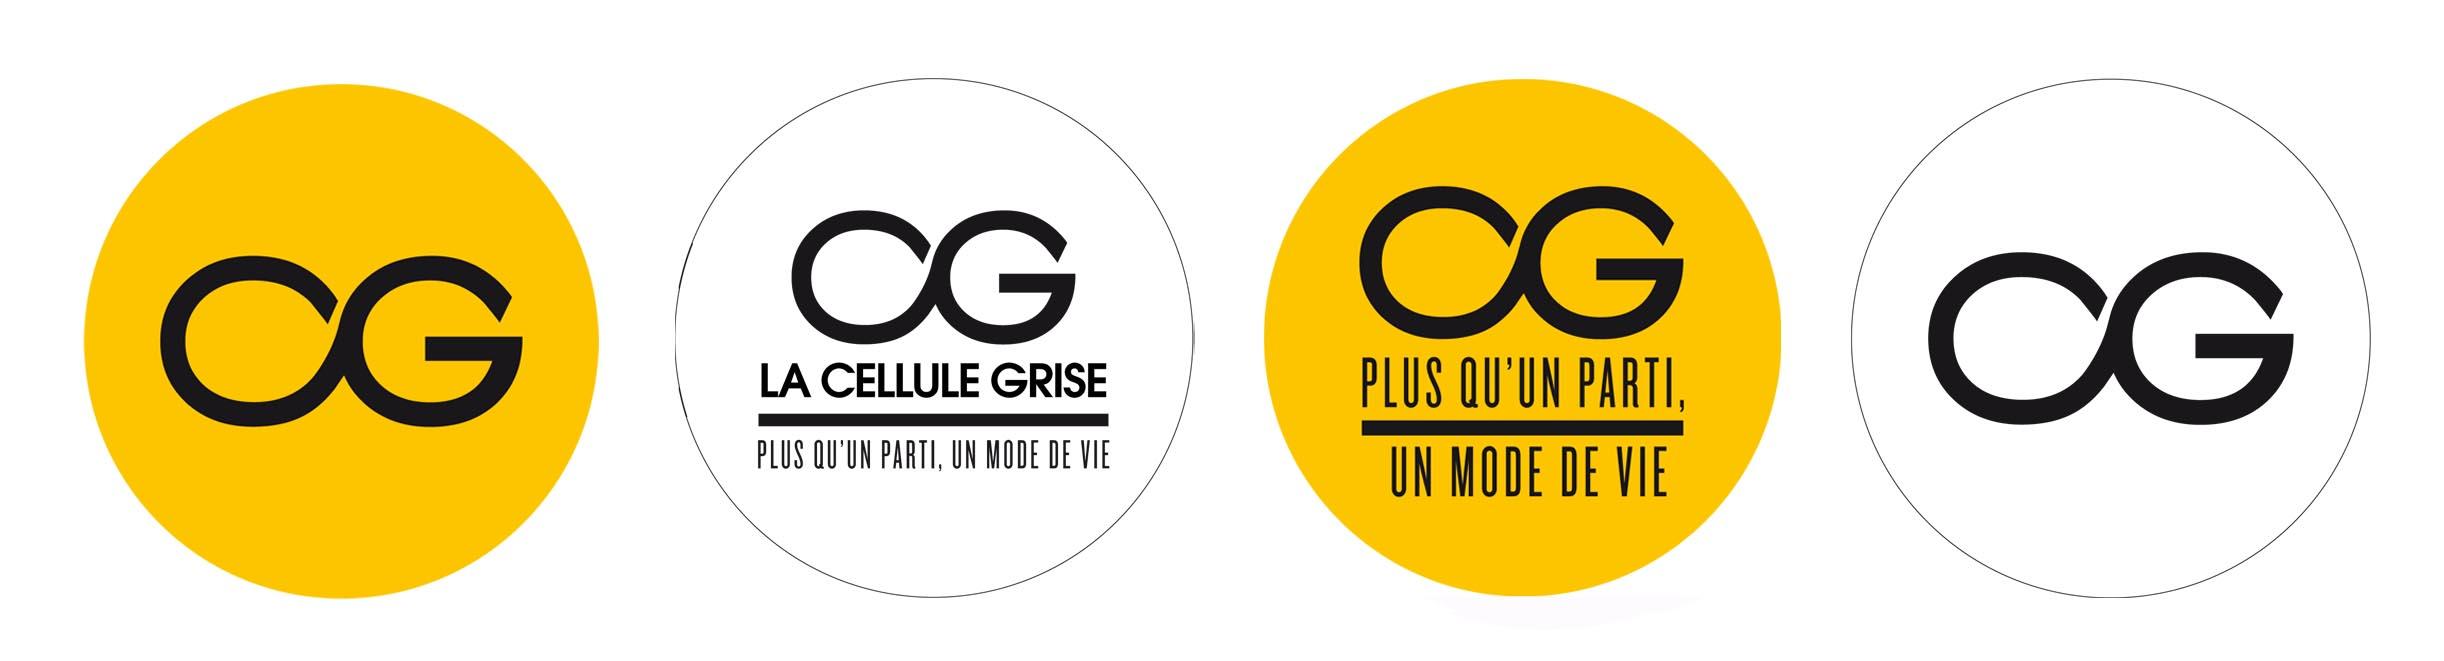 Pins de La Cellule Grise, un nouveau parti politique - www.marionchibrard.com